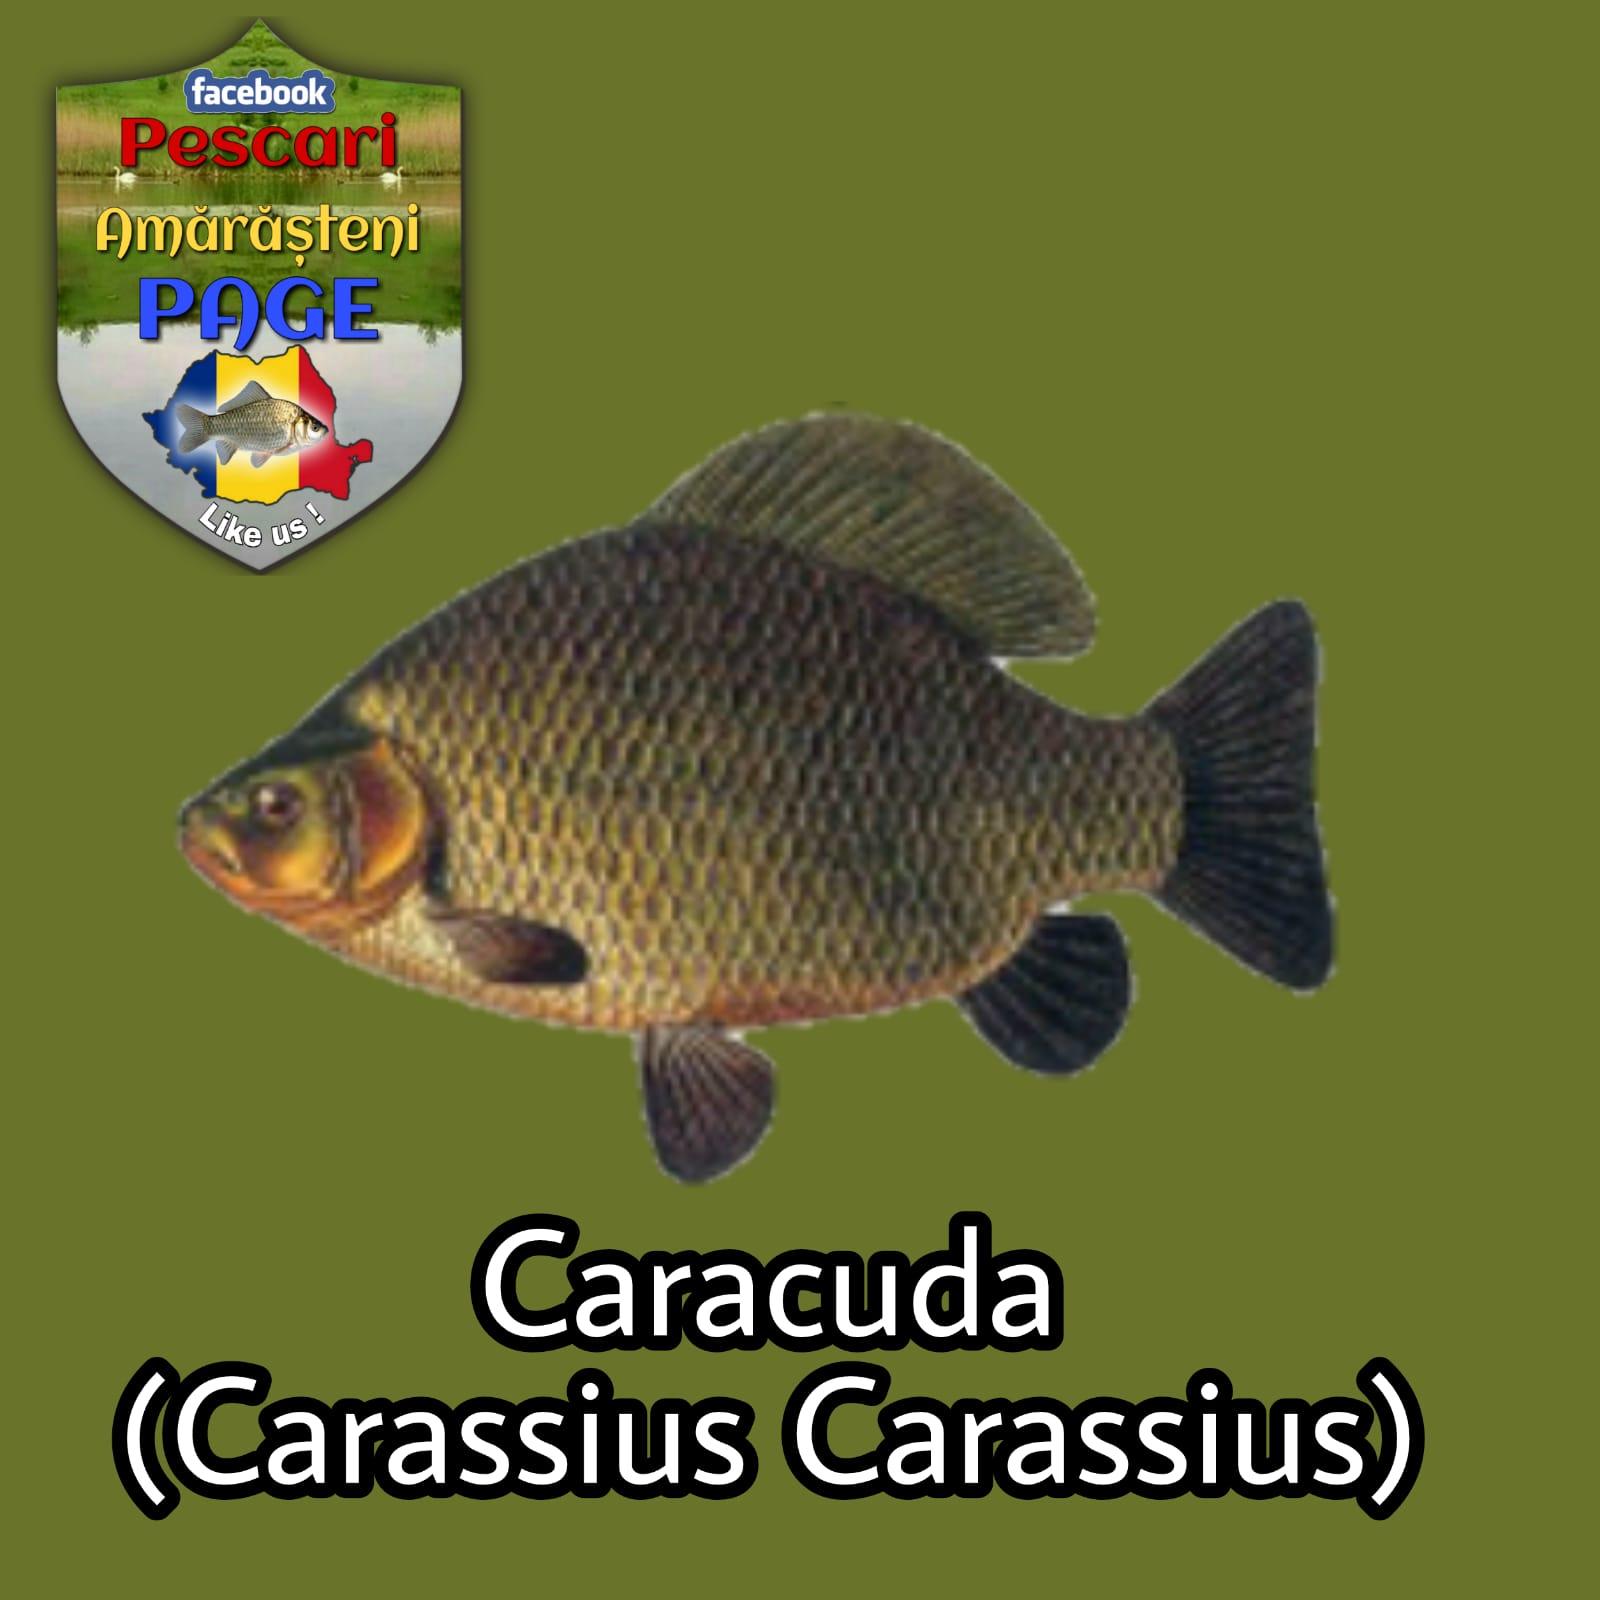 Caracuda (Carassius carassius)